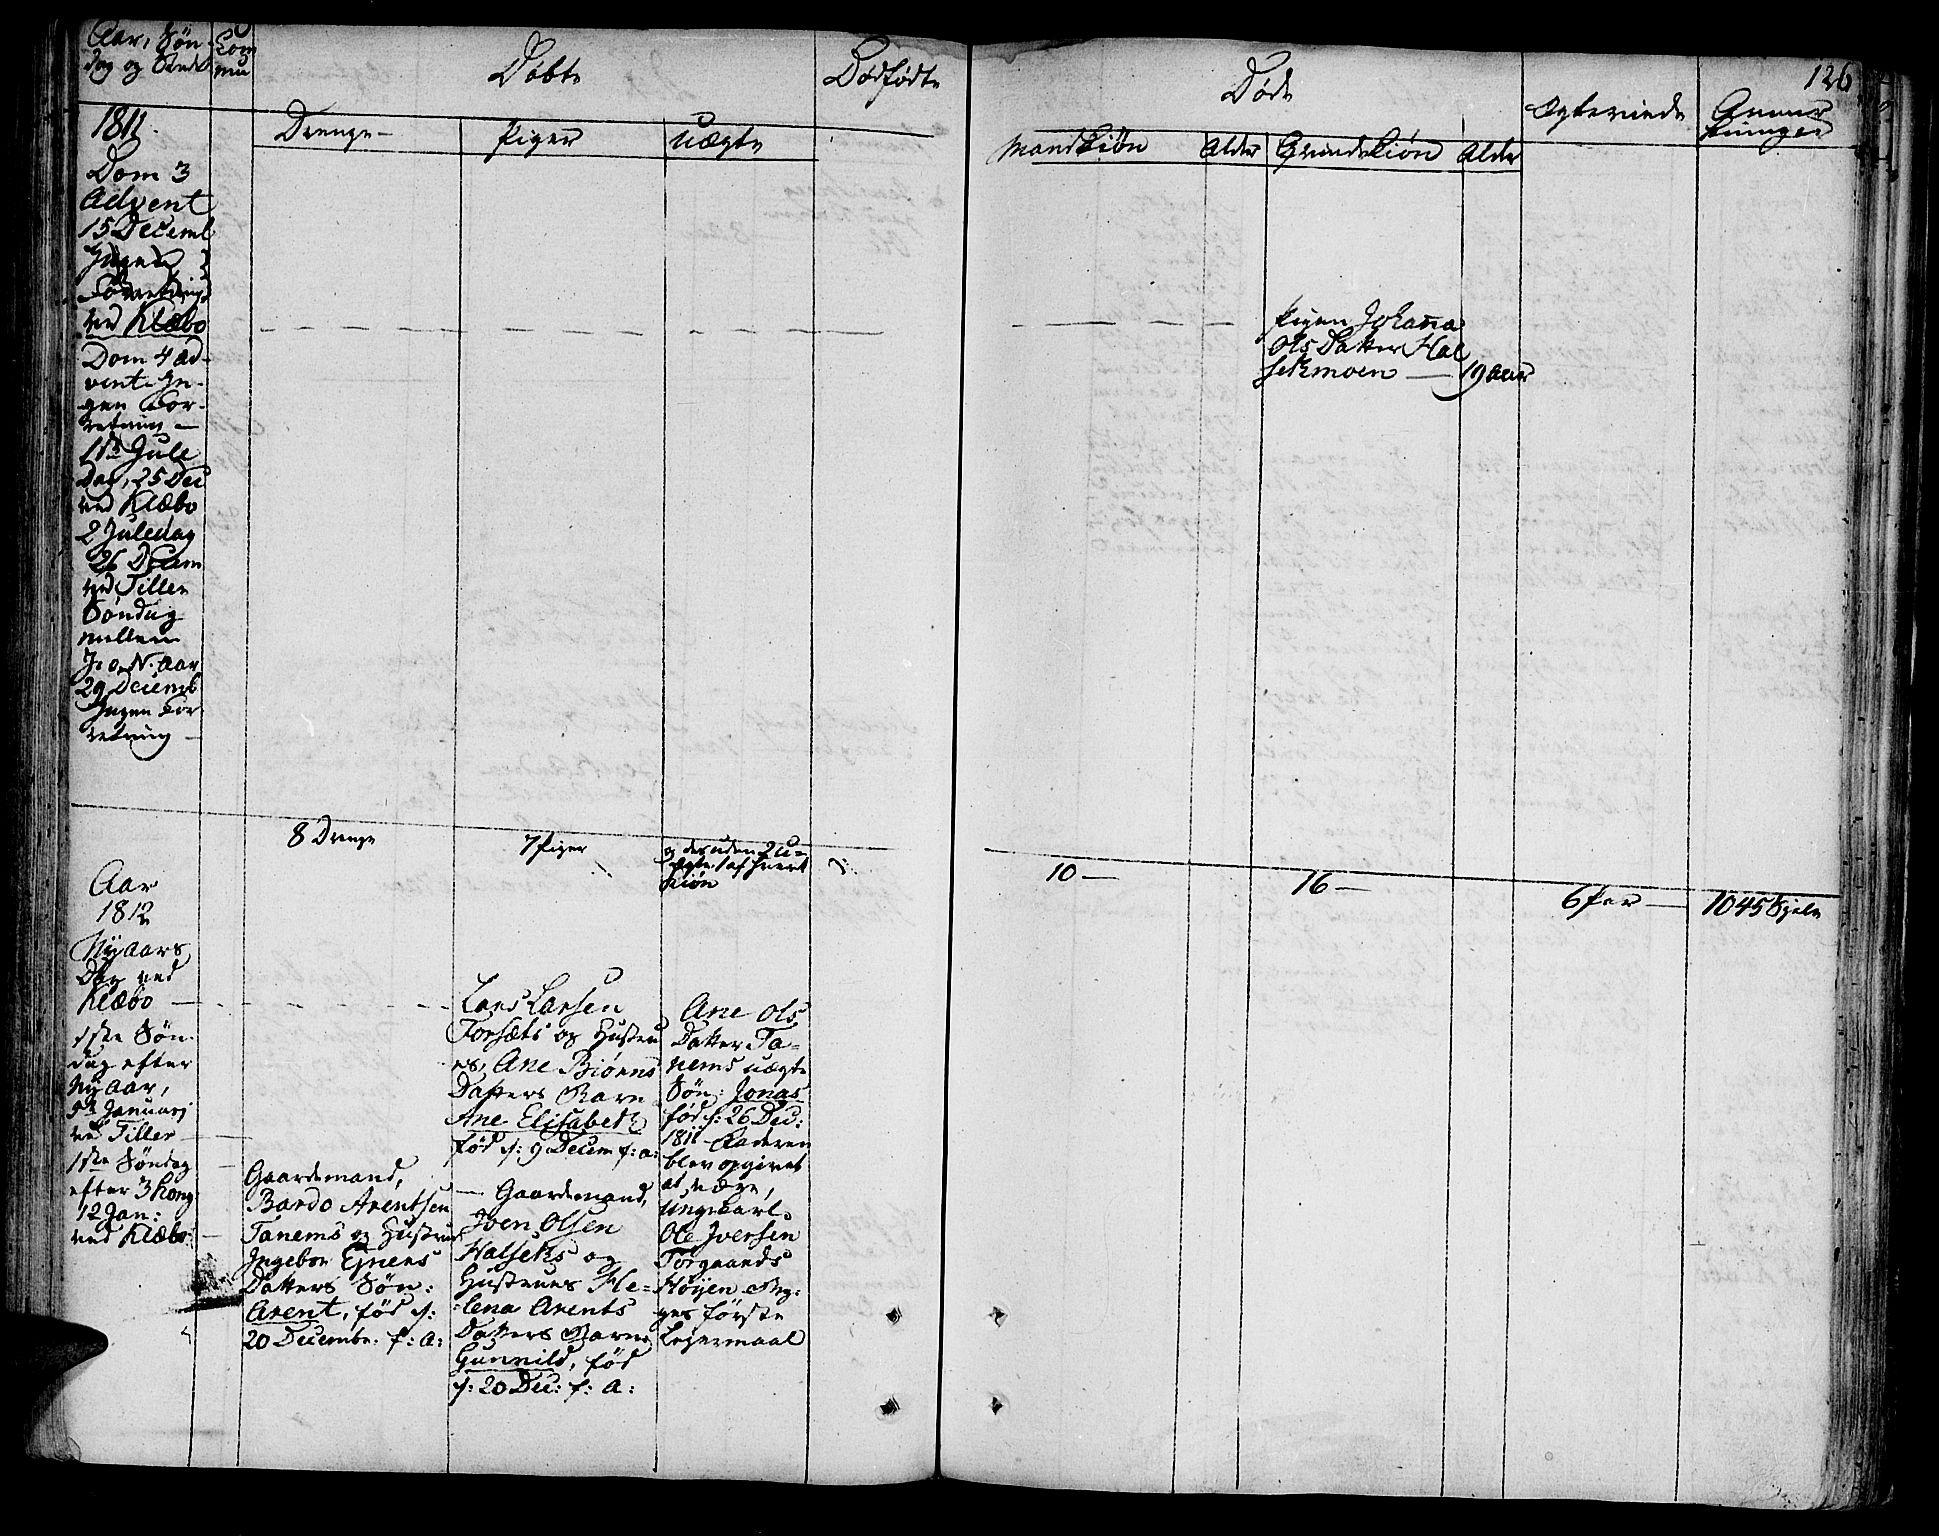 SAT, Ministerialprotokoller, klokkerbøker og fødselsregistre - Sør-Trøndelag, 618/L0438: Ministerialbok nr. 618A03, 1783-1815, s. 126